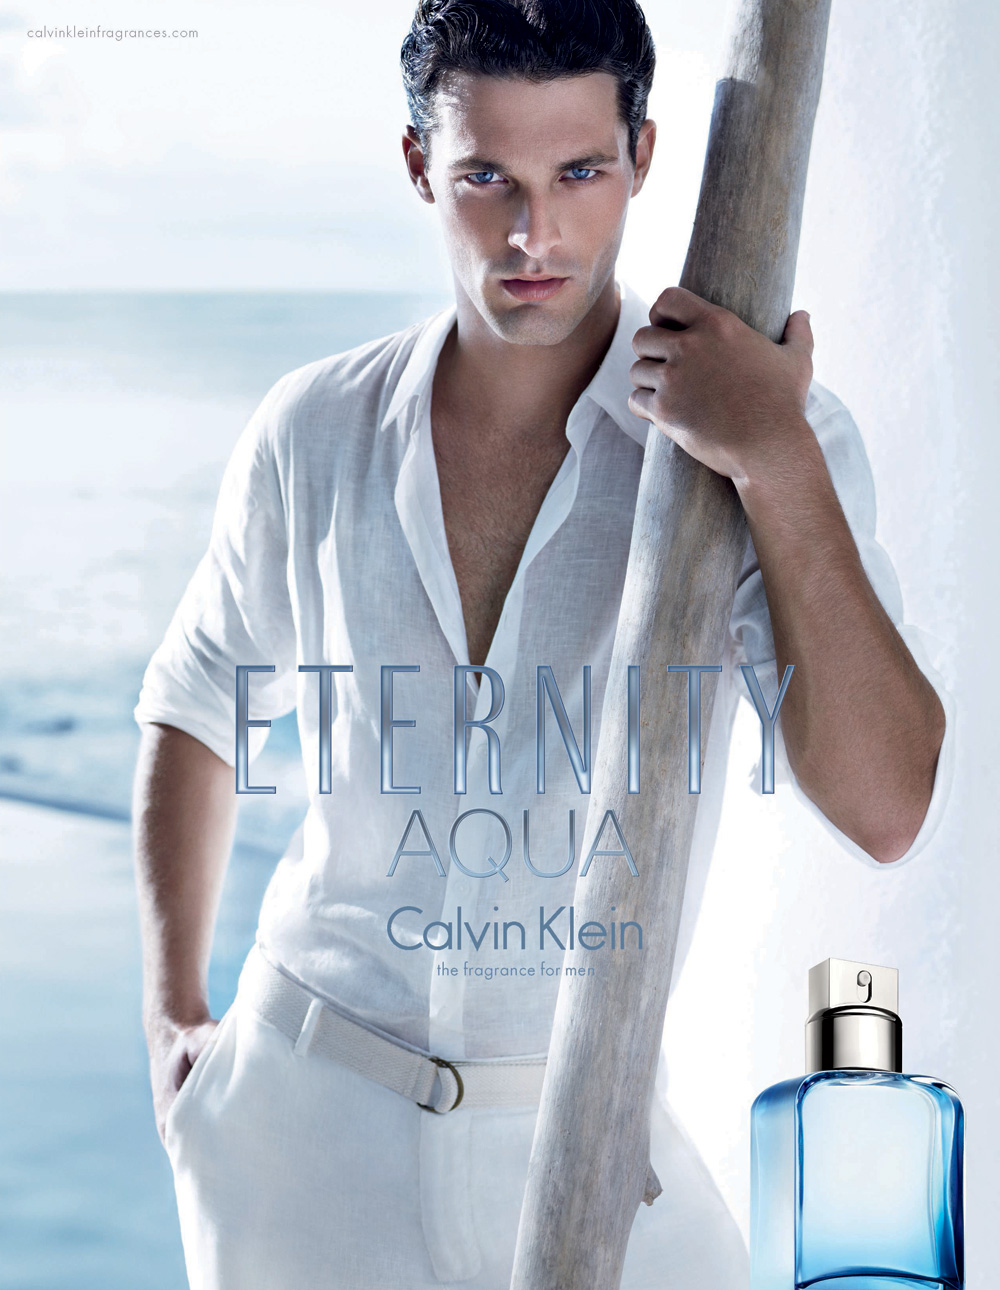 Ben Hill & Edita Vilkeviciute for Calvin Klein Eternity Aqua